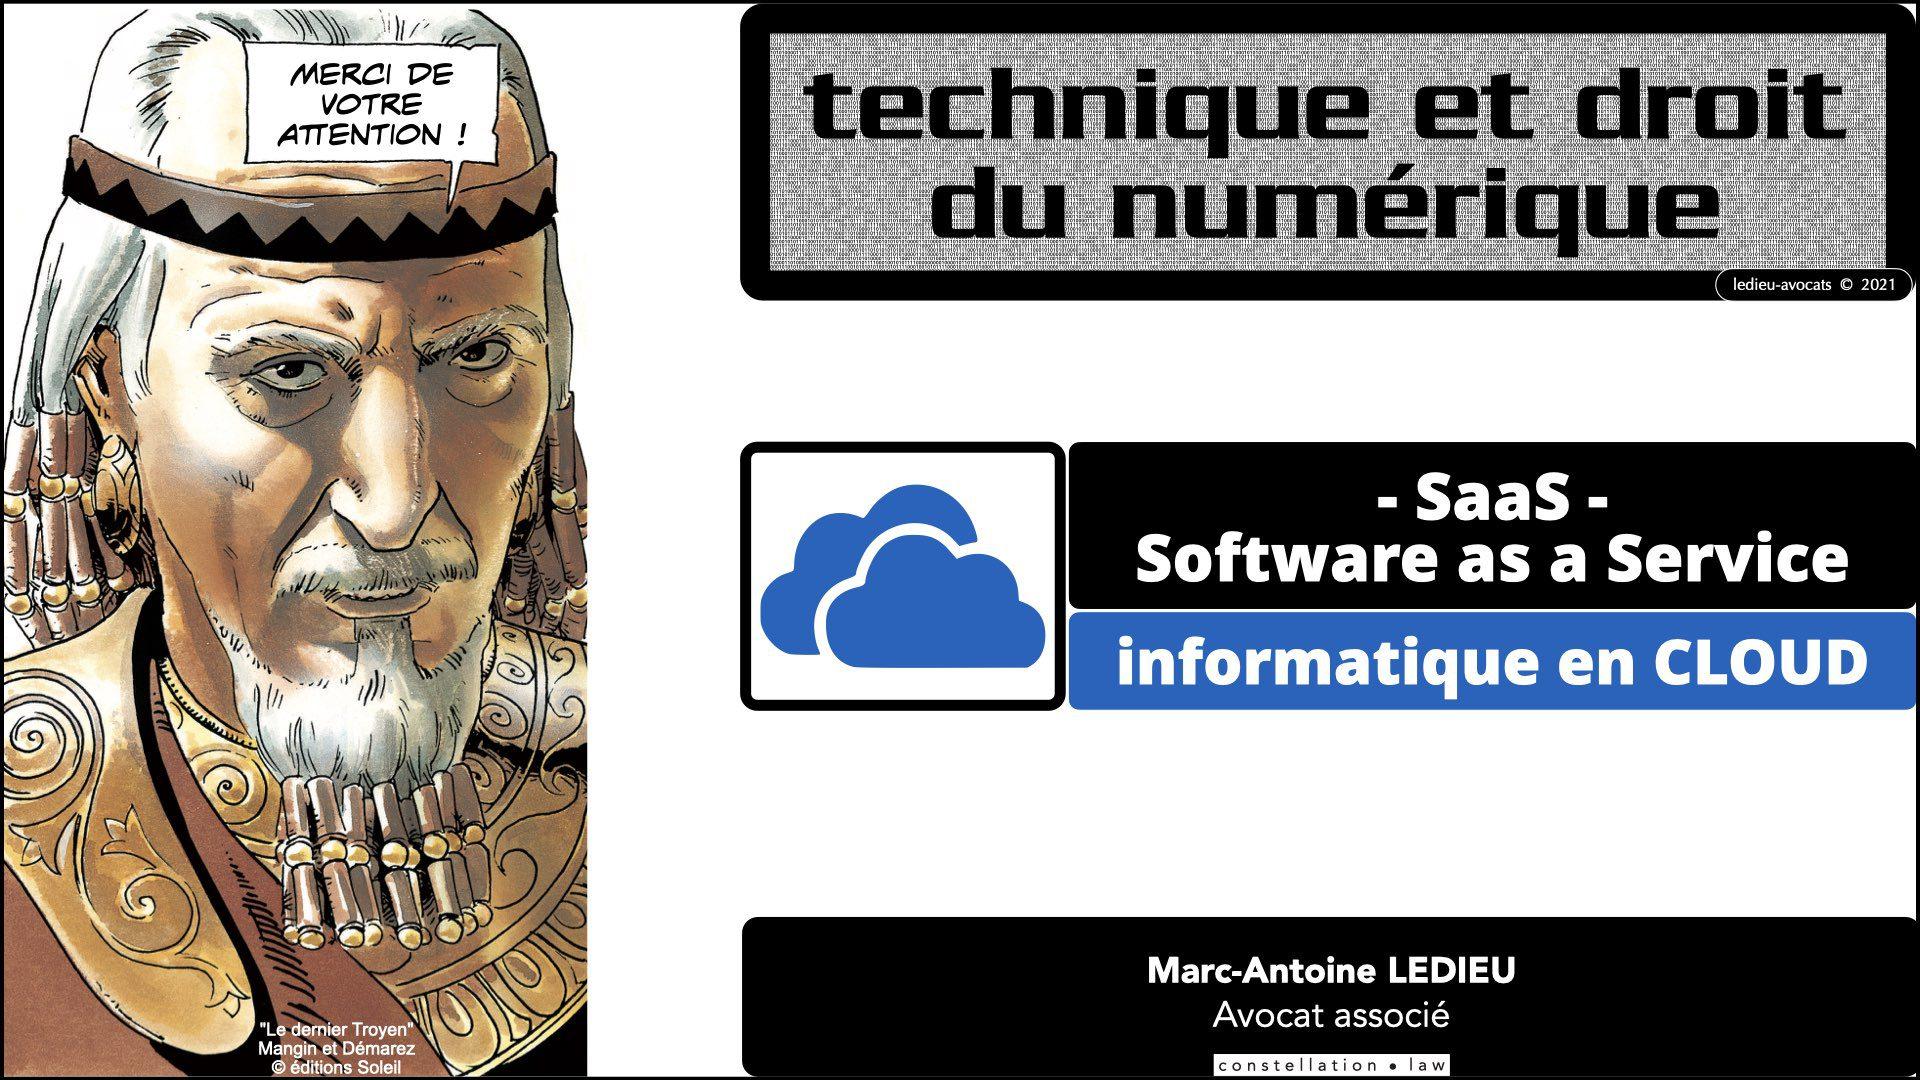 343 service LOGICIEL SaaS Software-as-a-Service cloud computing © Ledieu-Avocats technique droit numerique 30-08-2021.069